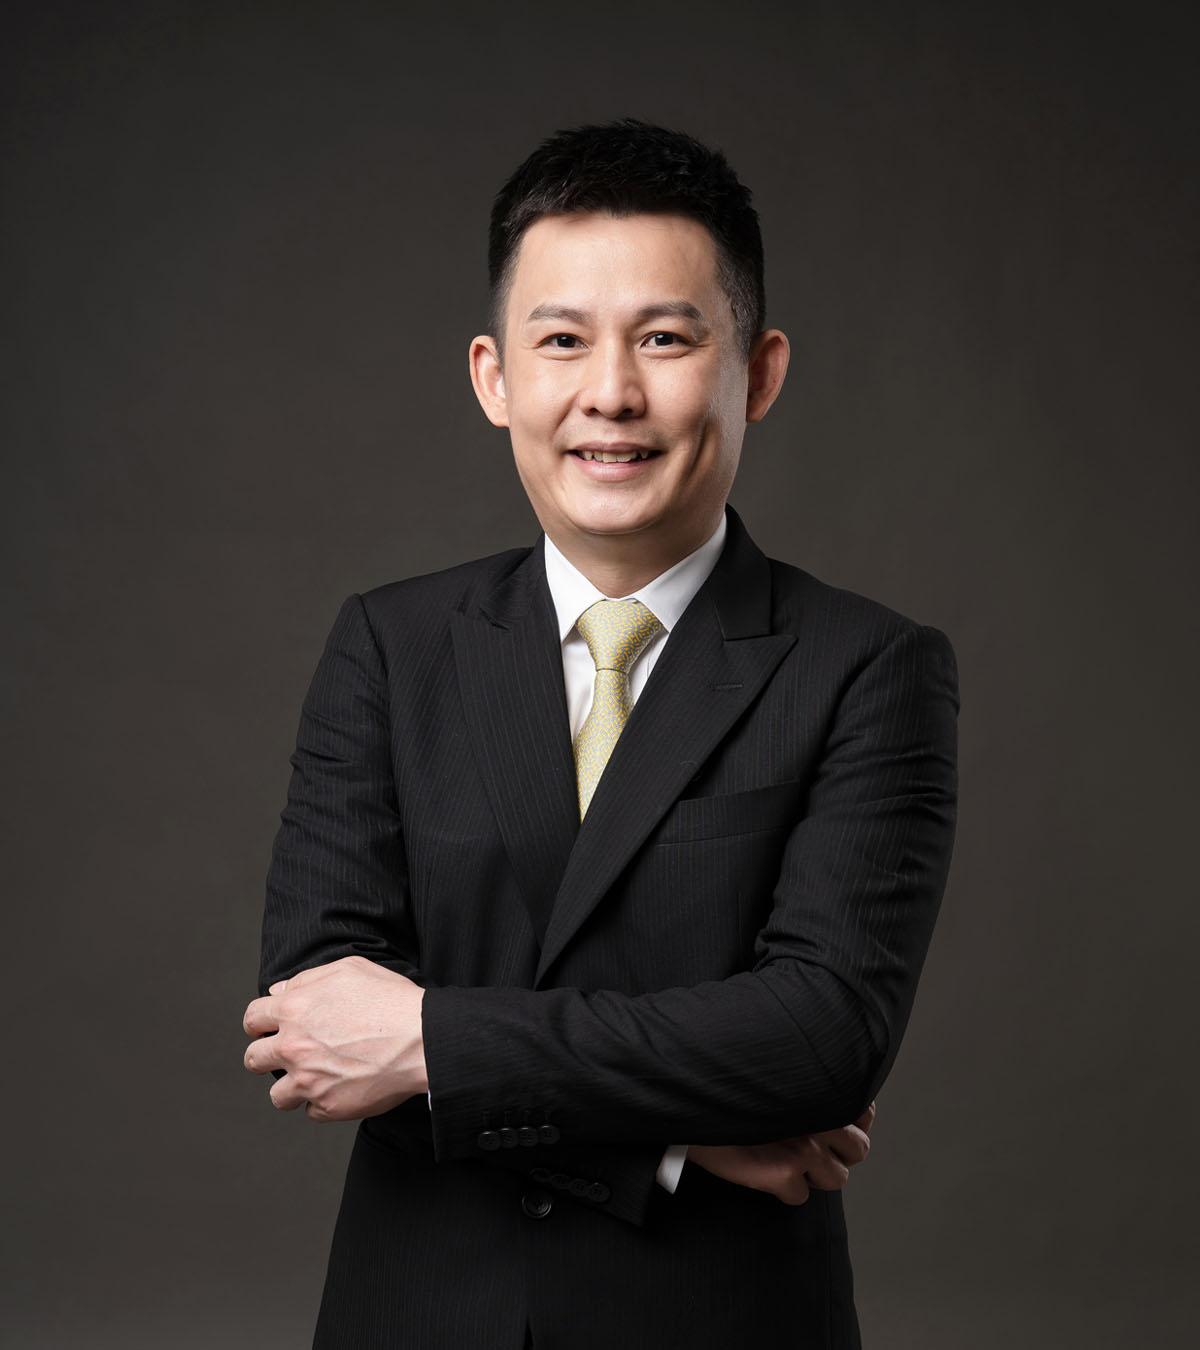 Dato' Sri Jerry Kwan Aik Khai